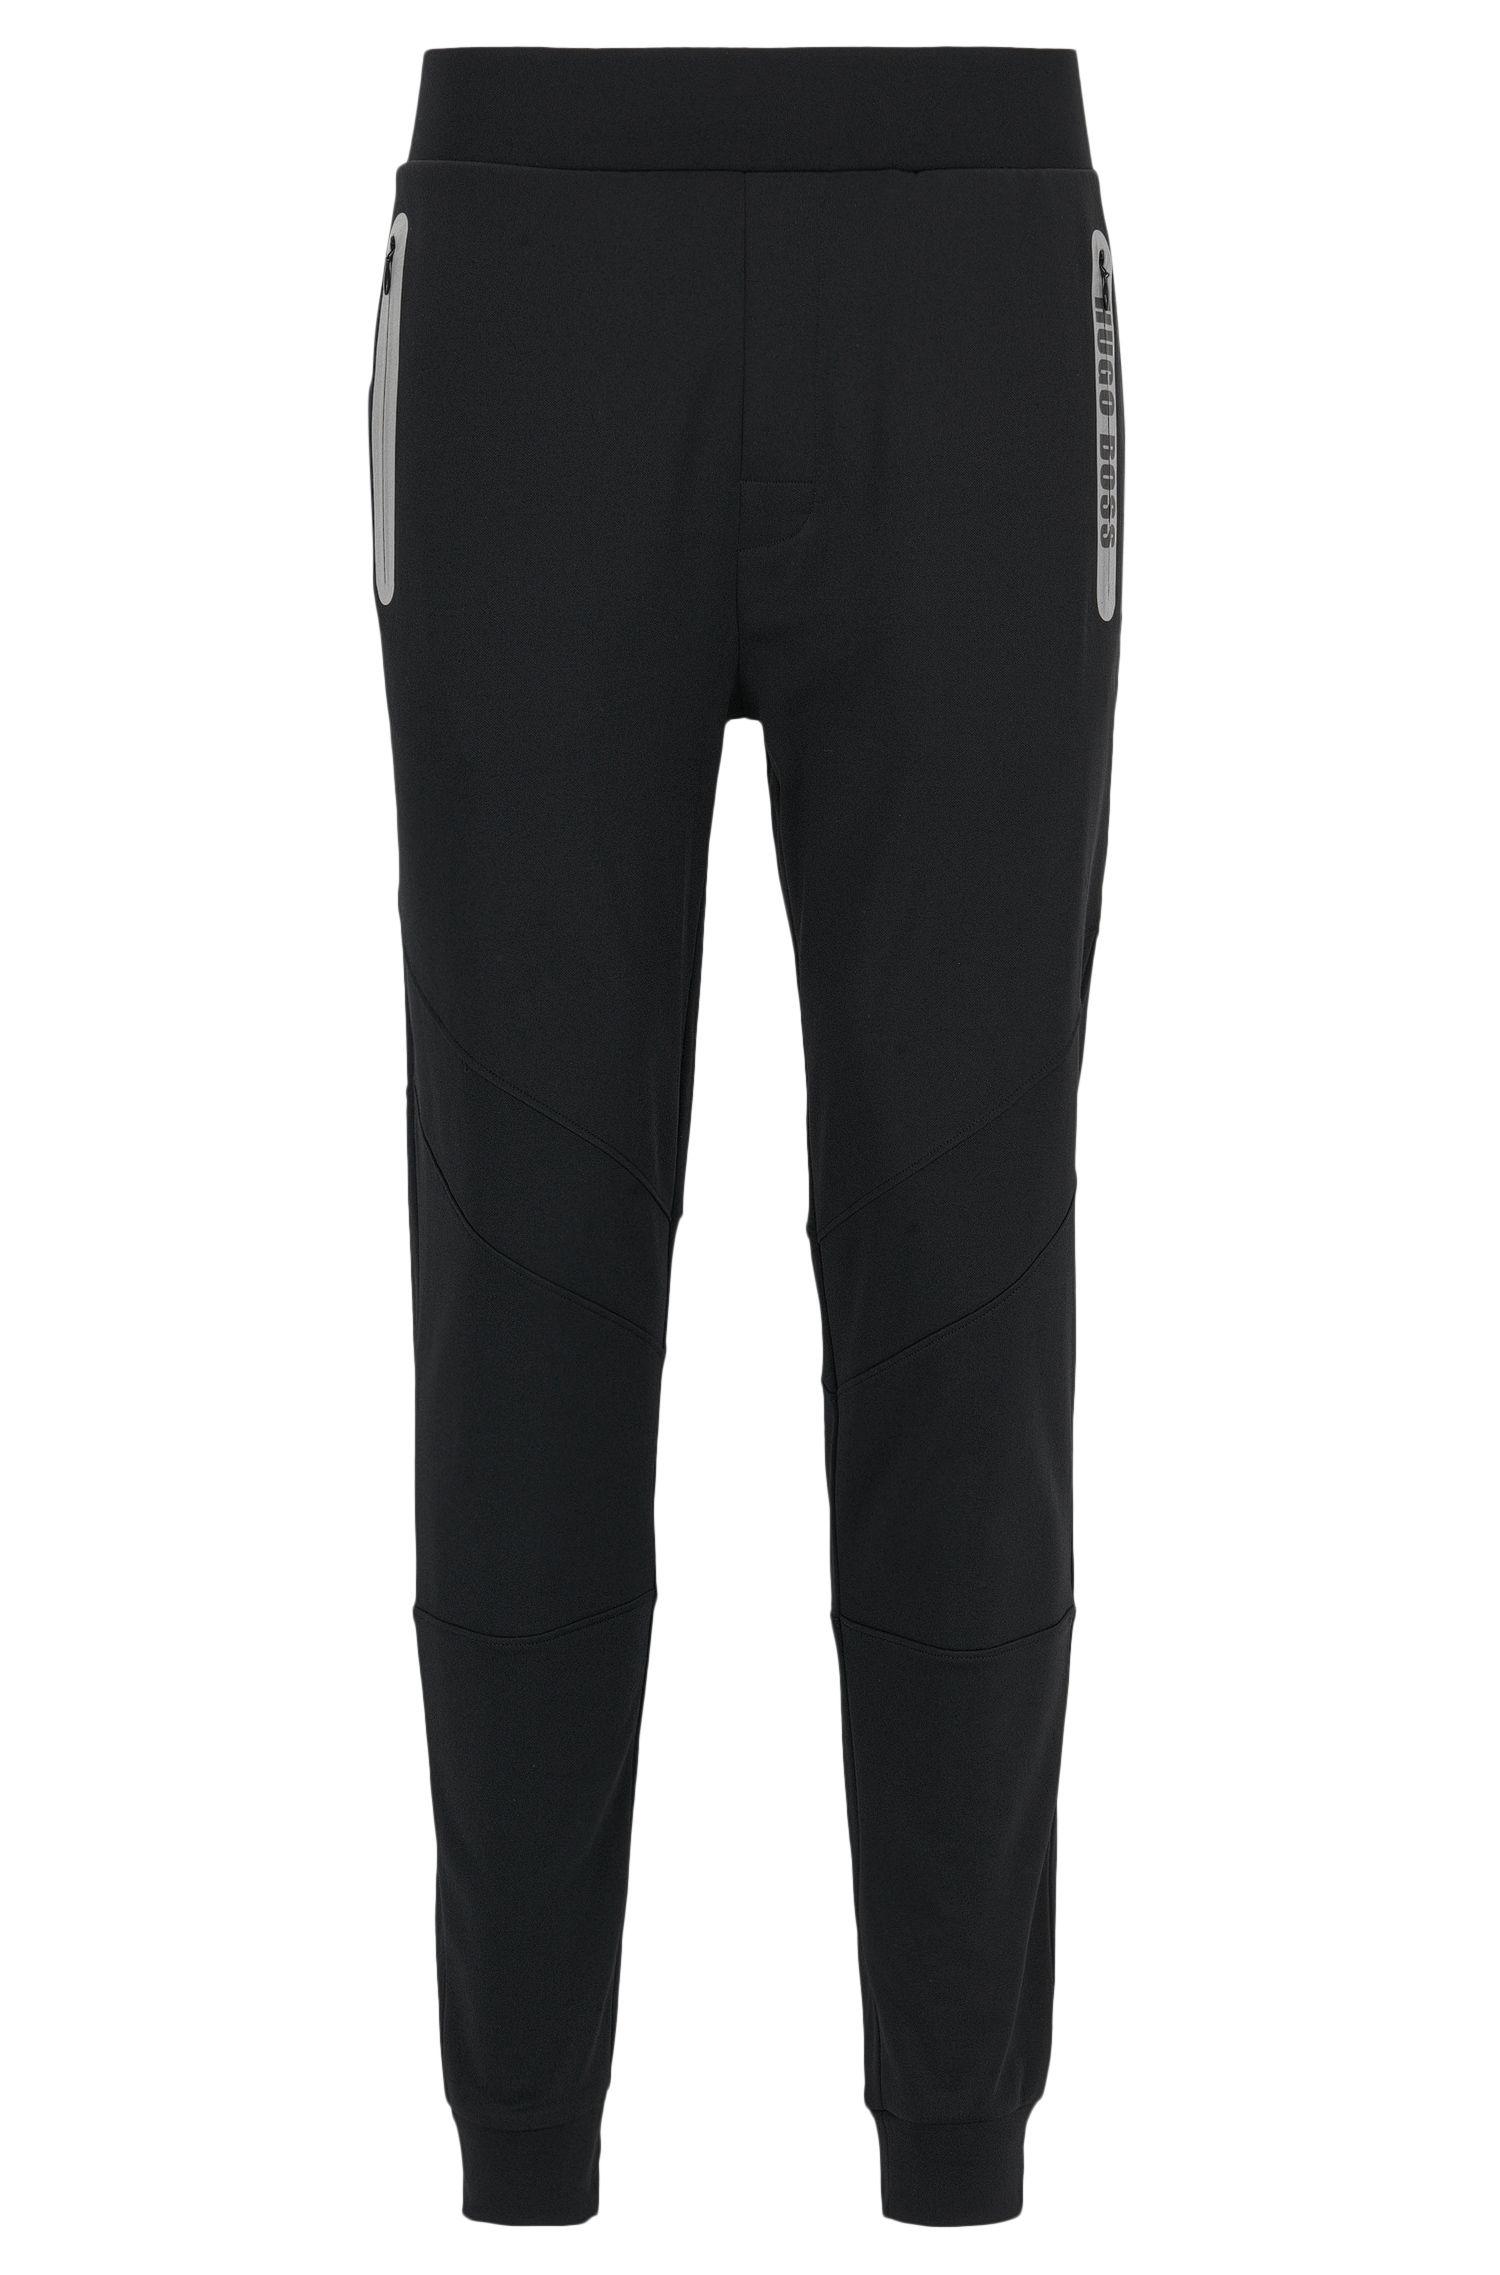 Pantaloni per il tempo libero in misto cotone elasticizzato con bordo sul fondo gamba e dettagli sportivi